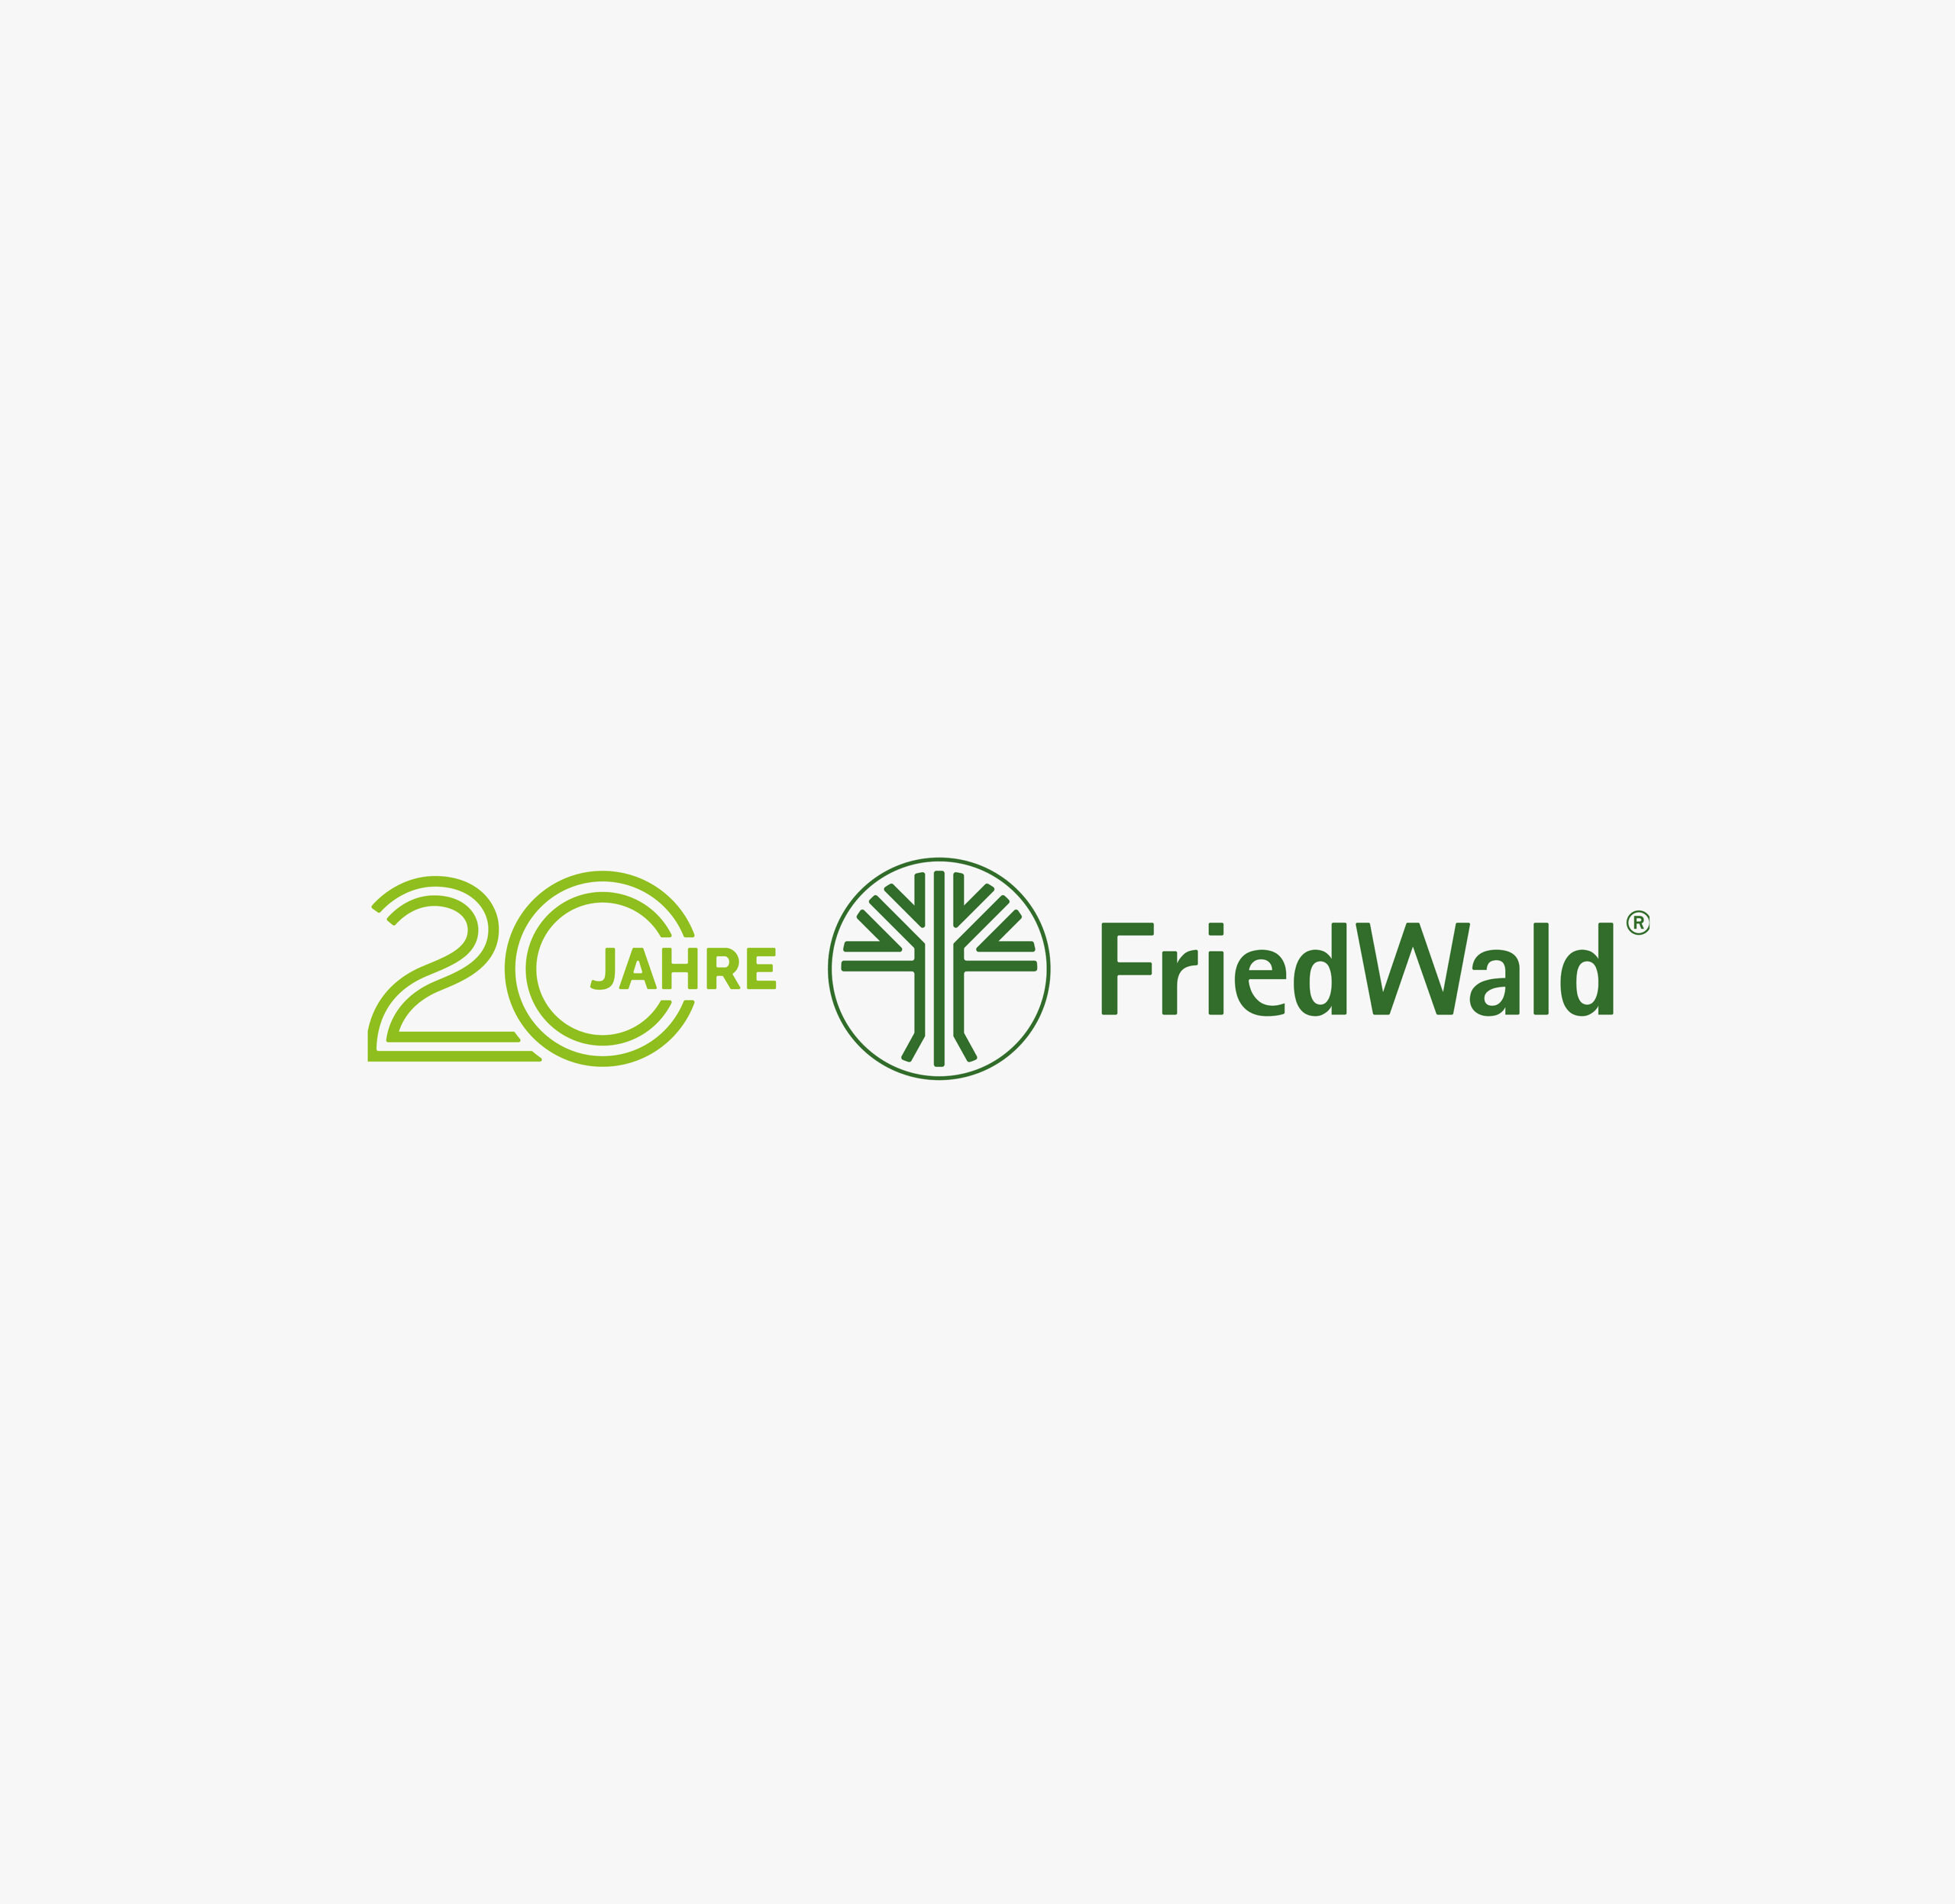 Case-Study-FriedWald-Material-20-Jahre-Emblem-01